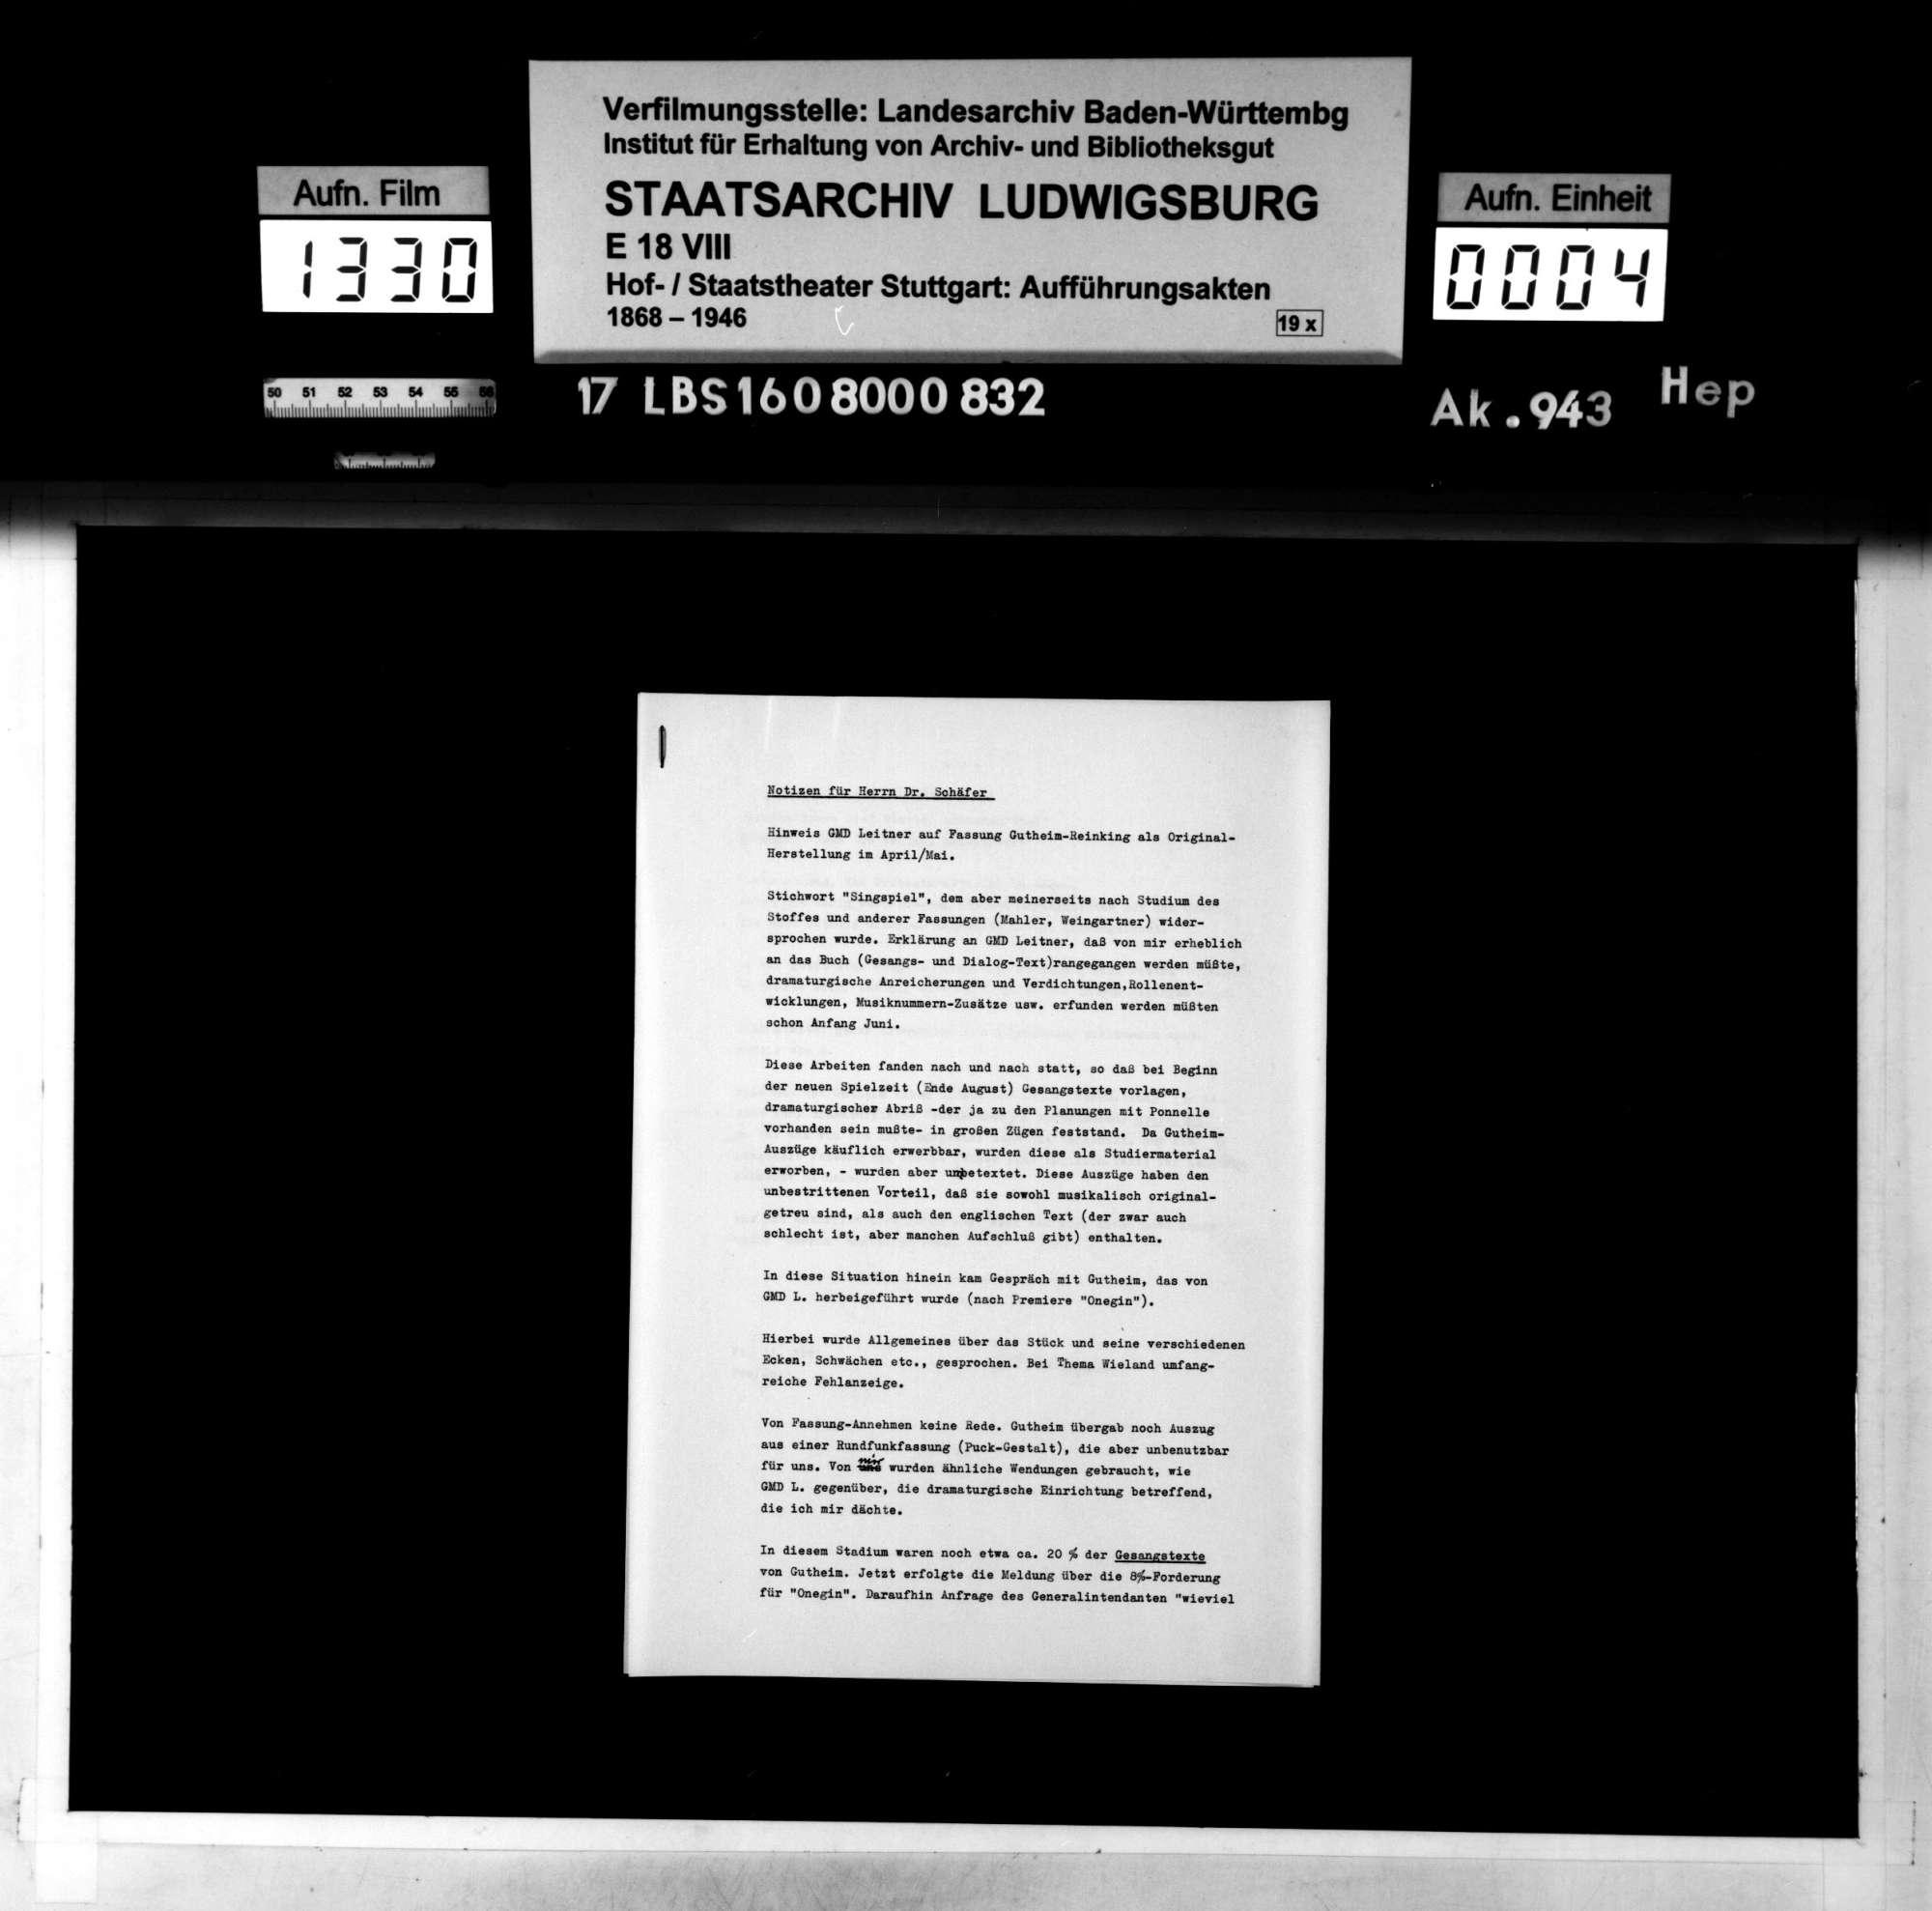 Oberon. Romantische Oper von Carl Maria von Weber; bearbeitet von Gustav Mahler. Szenische Bemerkungen von Alfred Roller. Neu-Übertragung von Gustav Brecher und E. Bloch., Bild 3